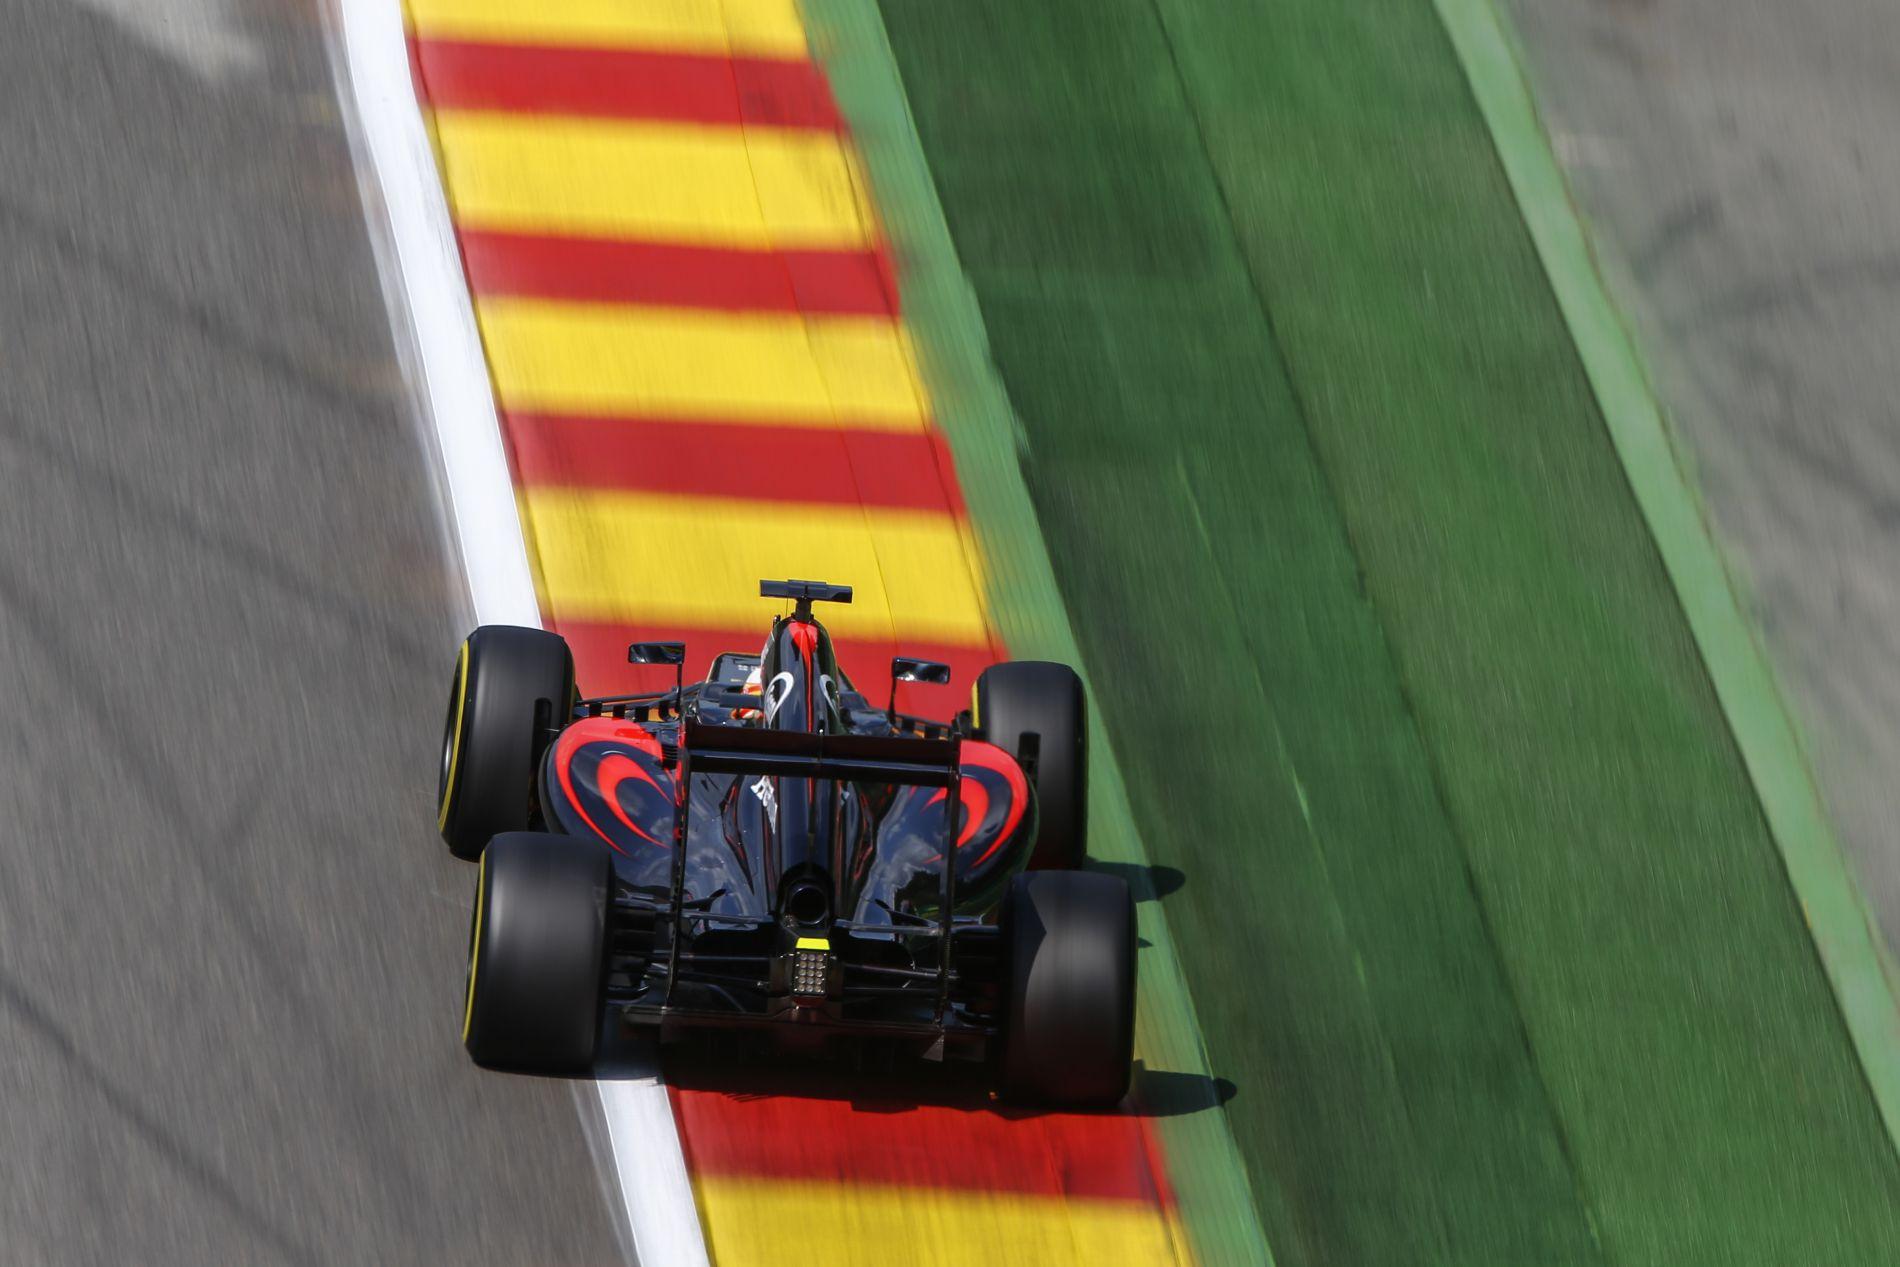 Ez már a hihetetlen kategórián is túltesz: szombatra megint egy új motort kap Alonso és Button, a Spában használtat!